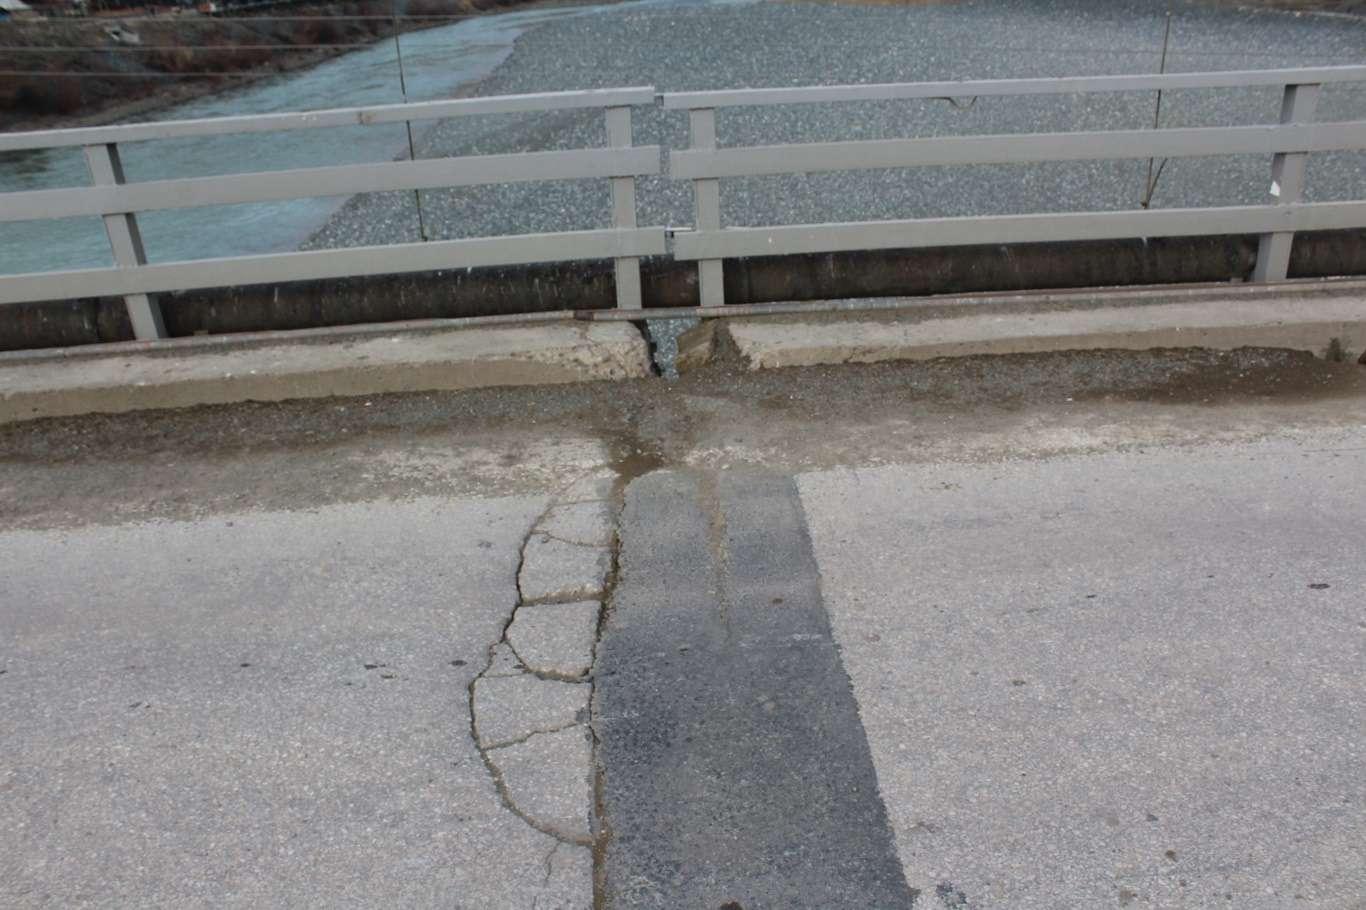 Palu Köprüsü'nde Halkı Korkutan Çatlaklar Oluştu